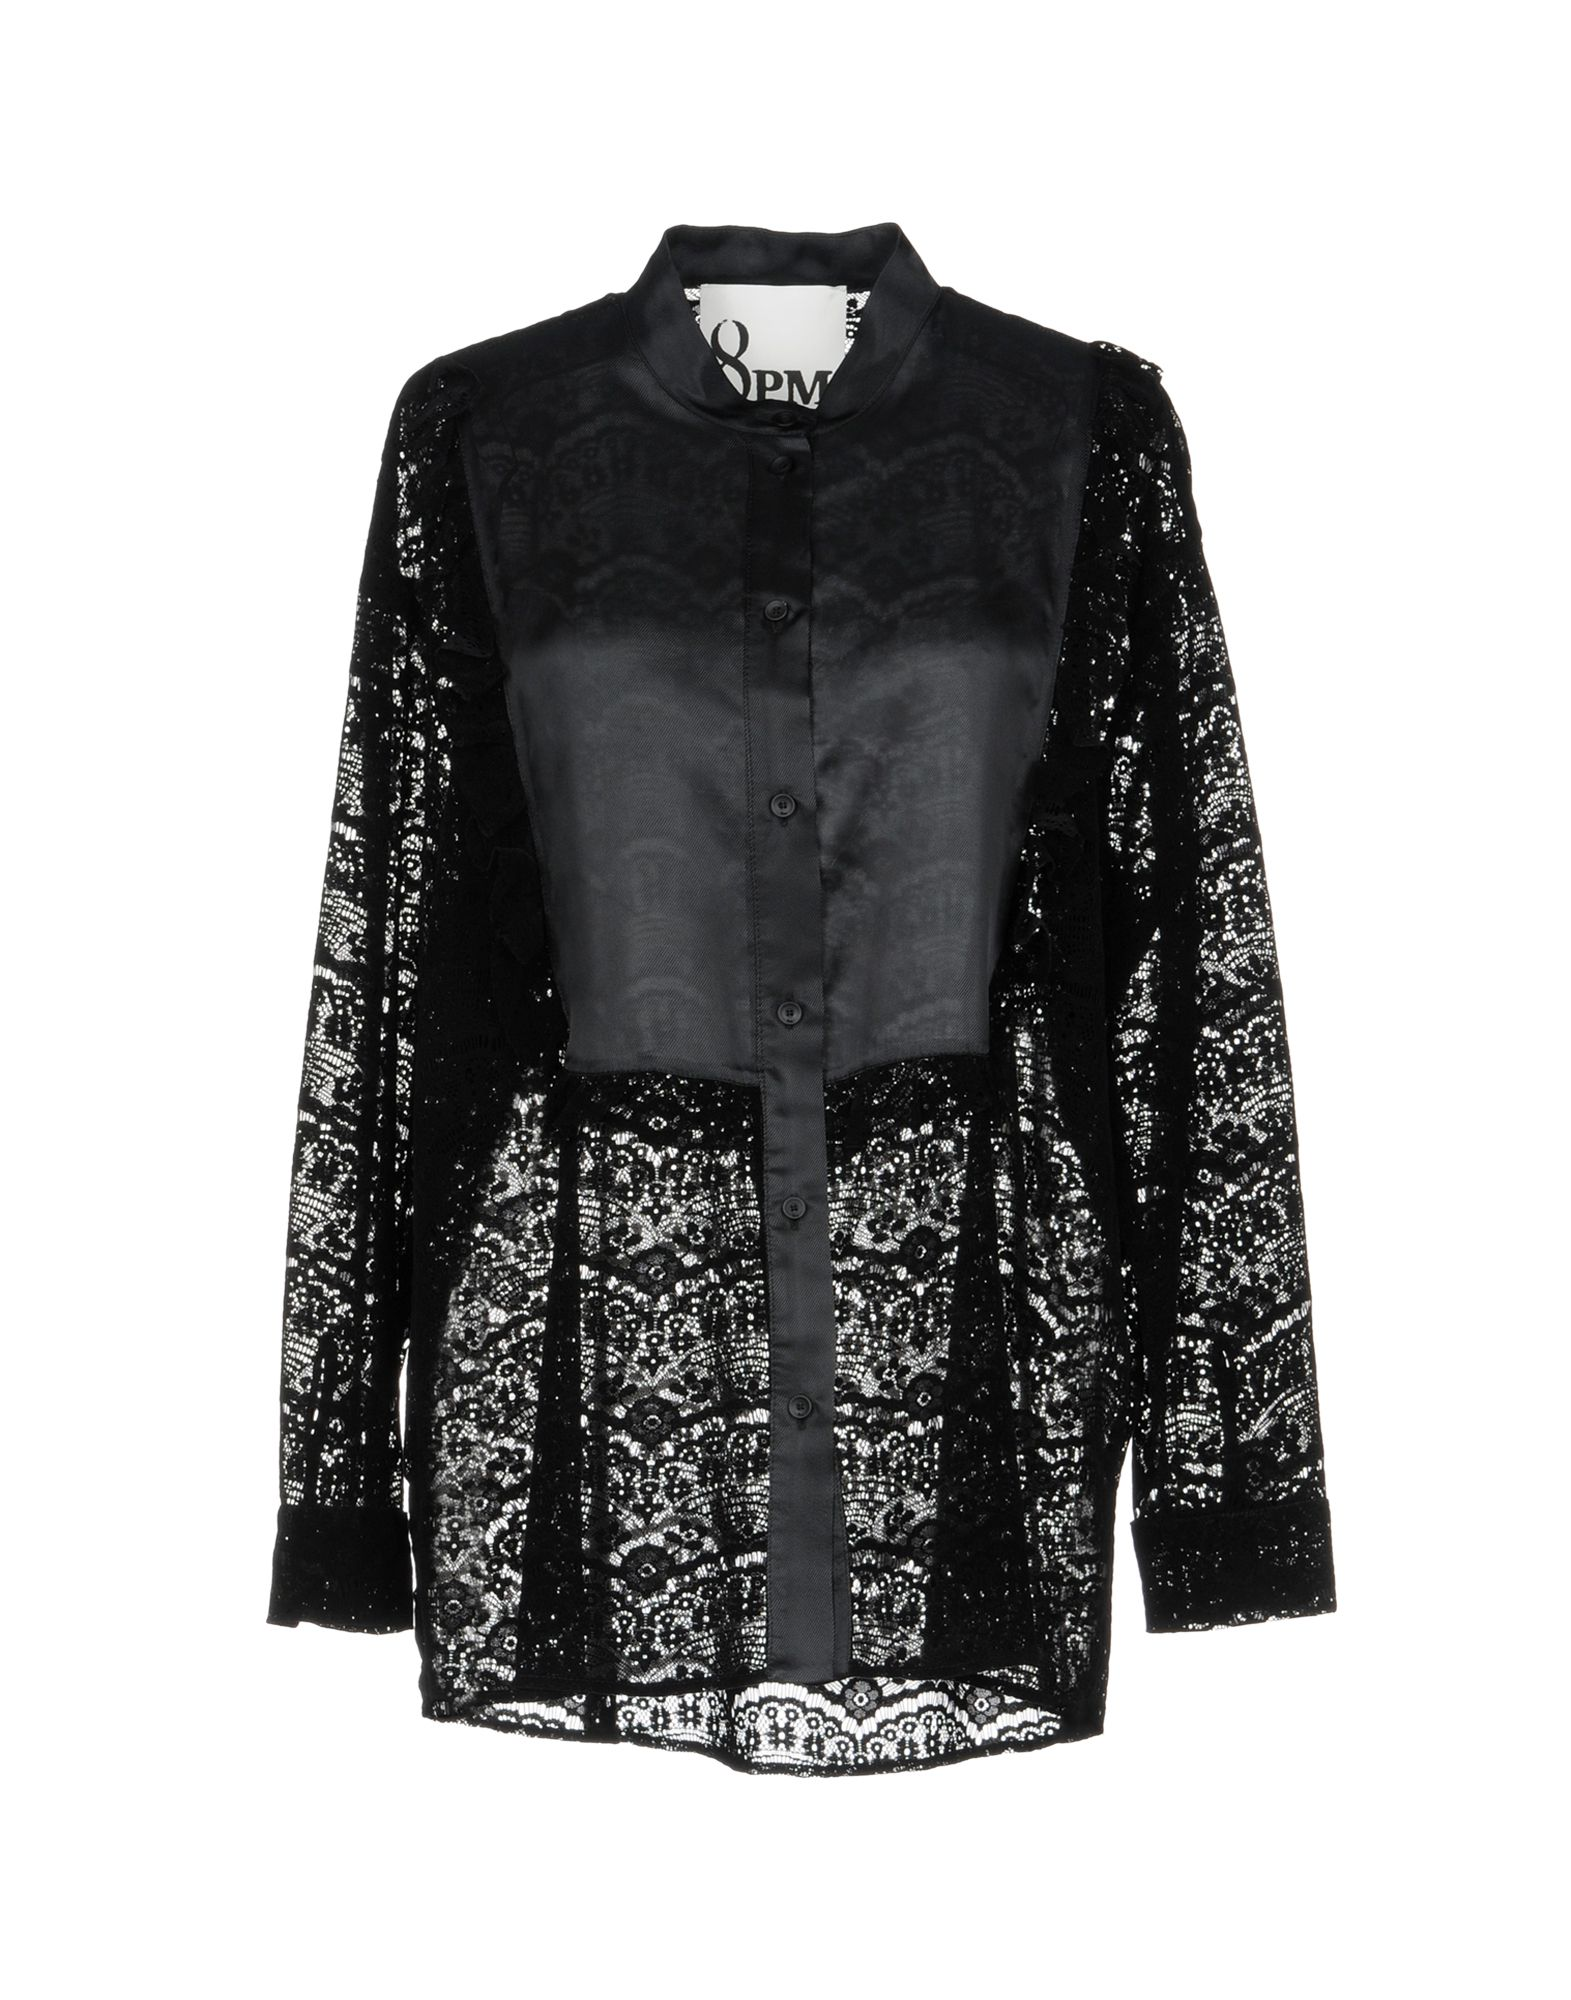 Camicie E Bluse In Pizzo 8Pm Donna - Acquista online su ffGSRte